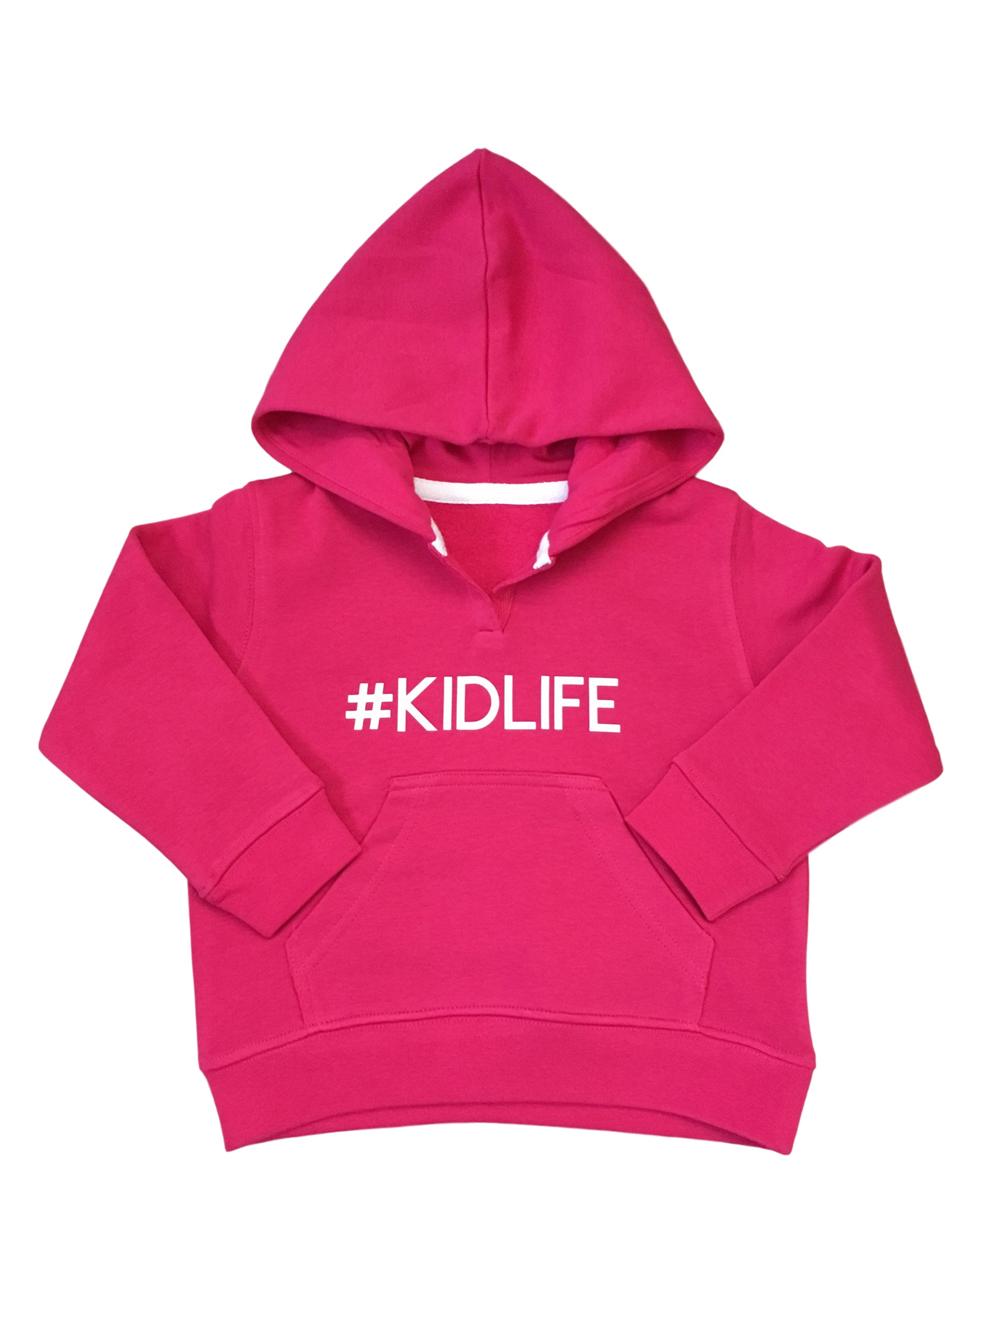 Childrens – Kidlife Hoodie 18-24 Months